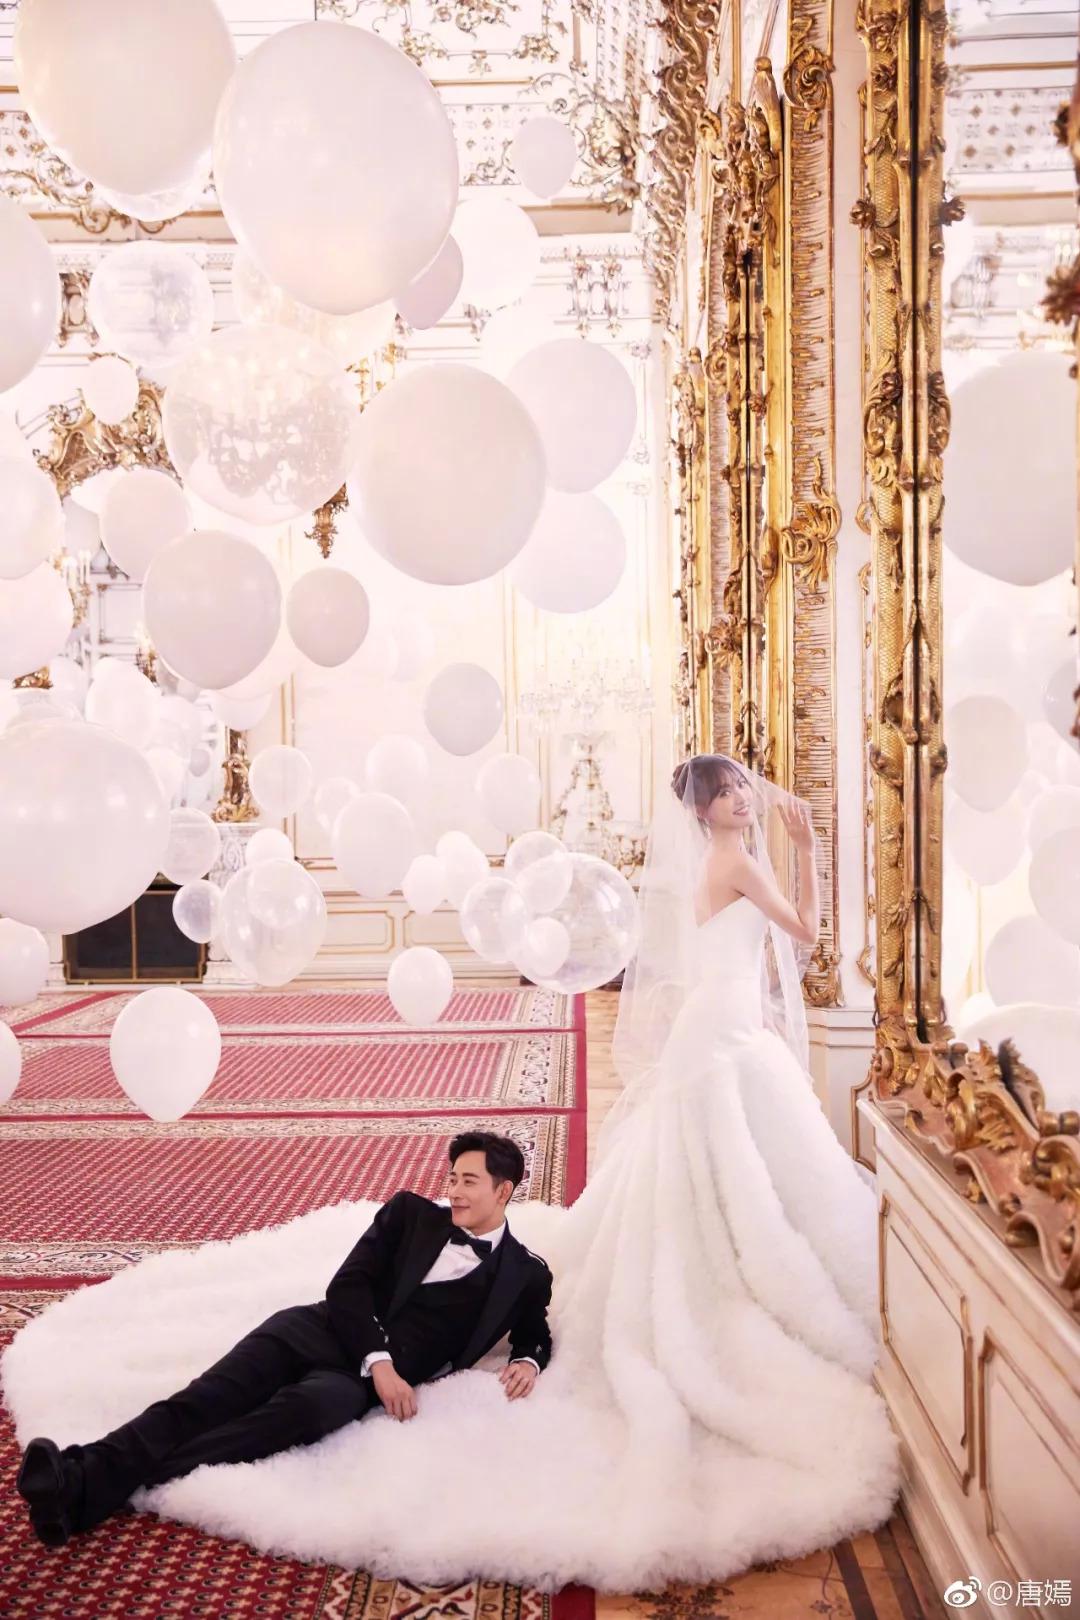 因为唐嫣罗晋大婚上了整整两天热搜的维也纳,原来是这样一座宝藏城市!